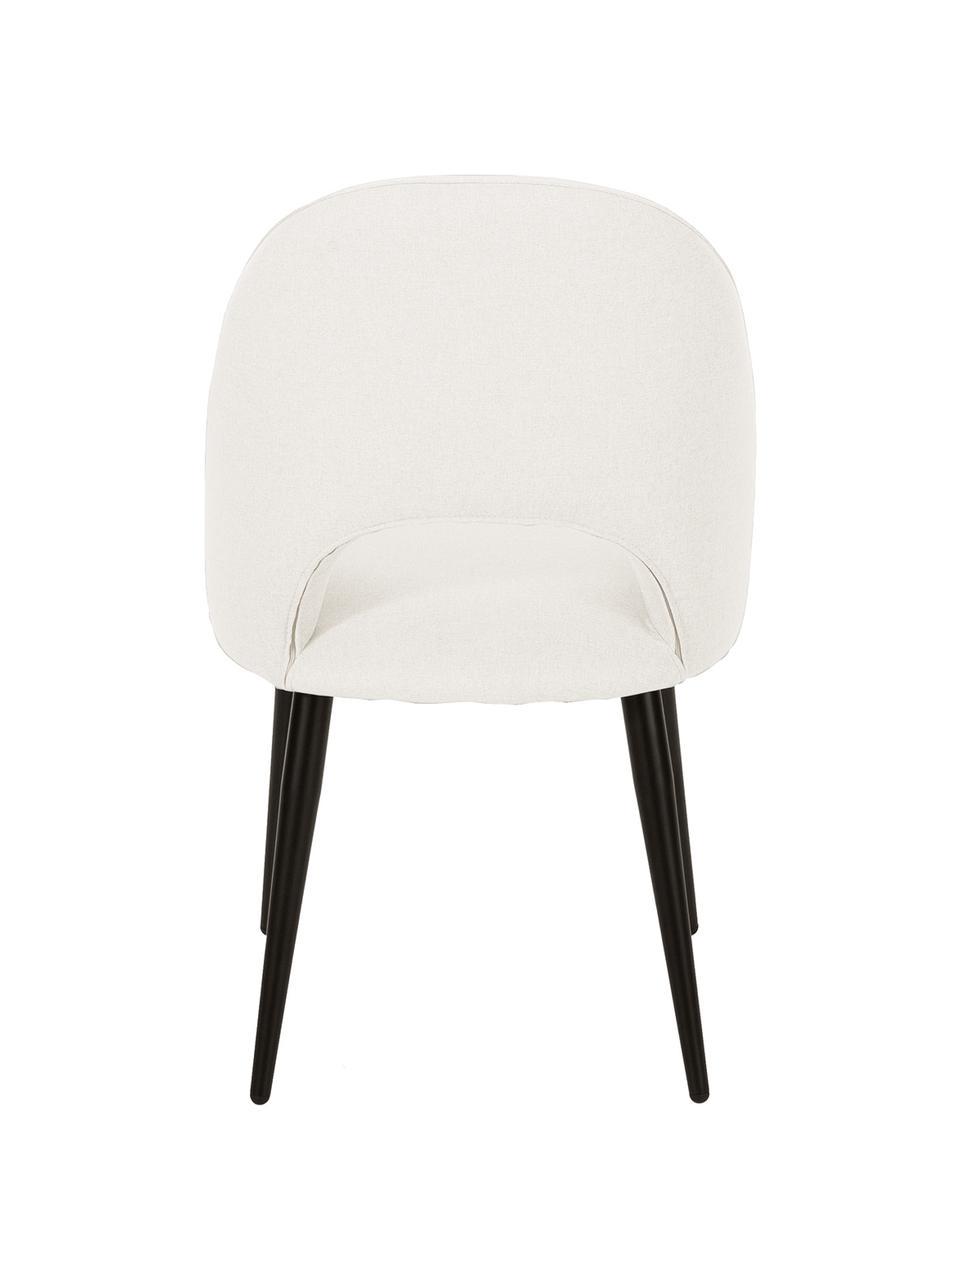 Krzesło tapicerowane Rachel, Tapicerka: 100% poliester Dzięki tka, Nogi: metal malowany proszkowo, Beżowy, S 53 x G 57 cm